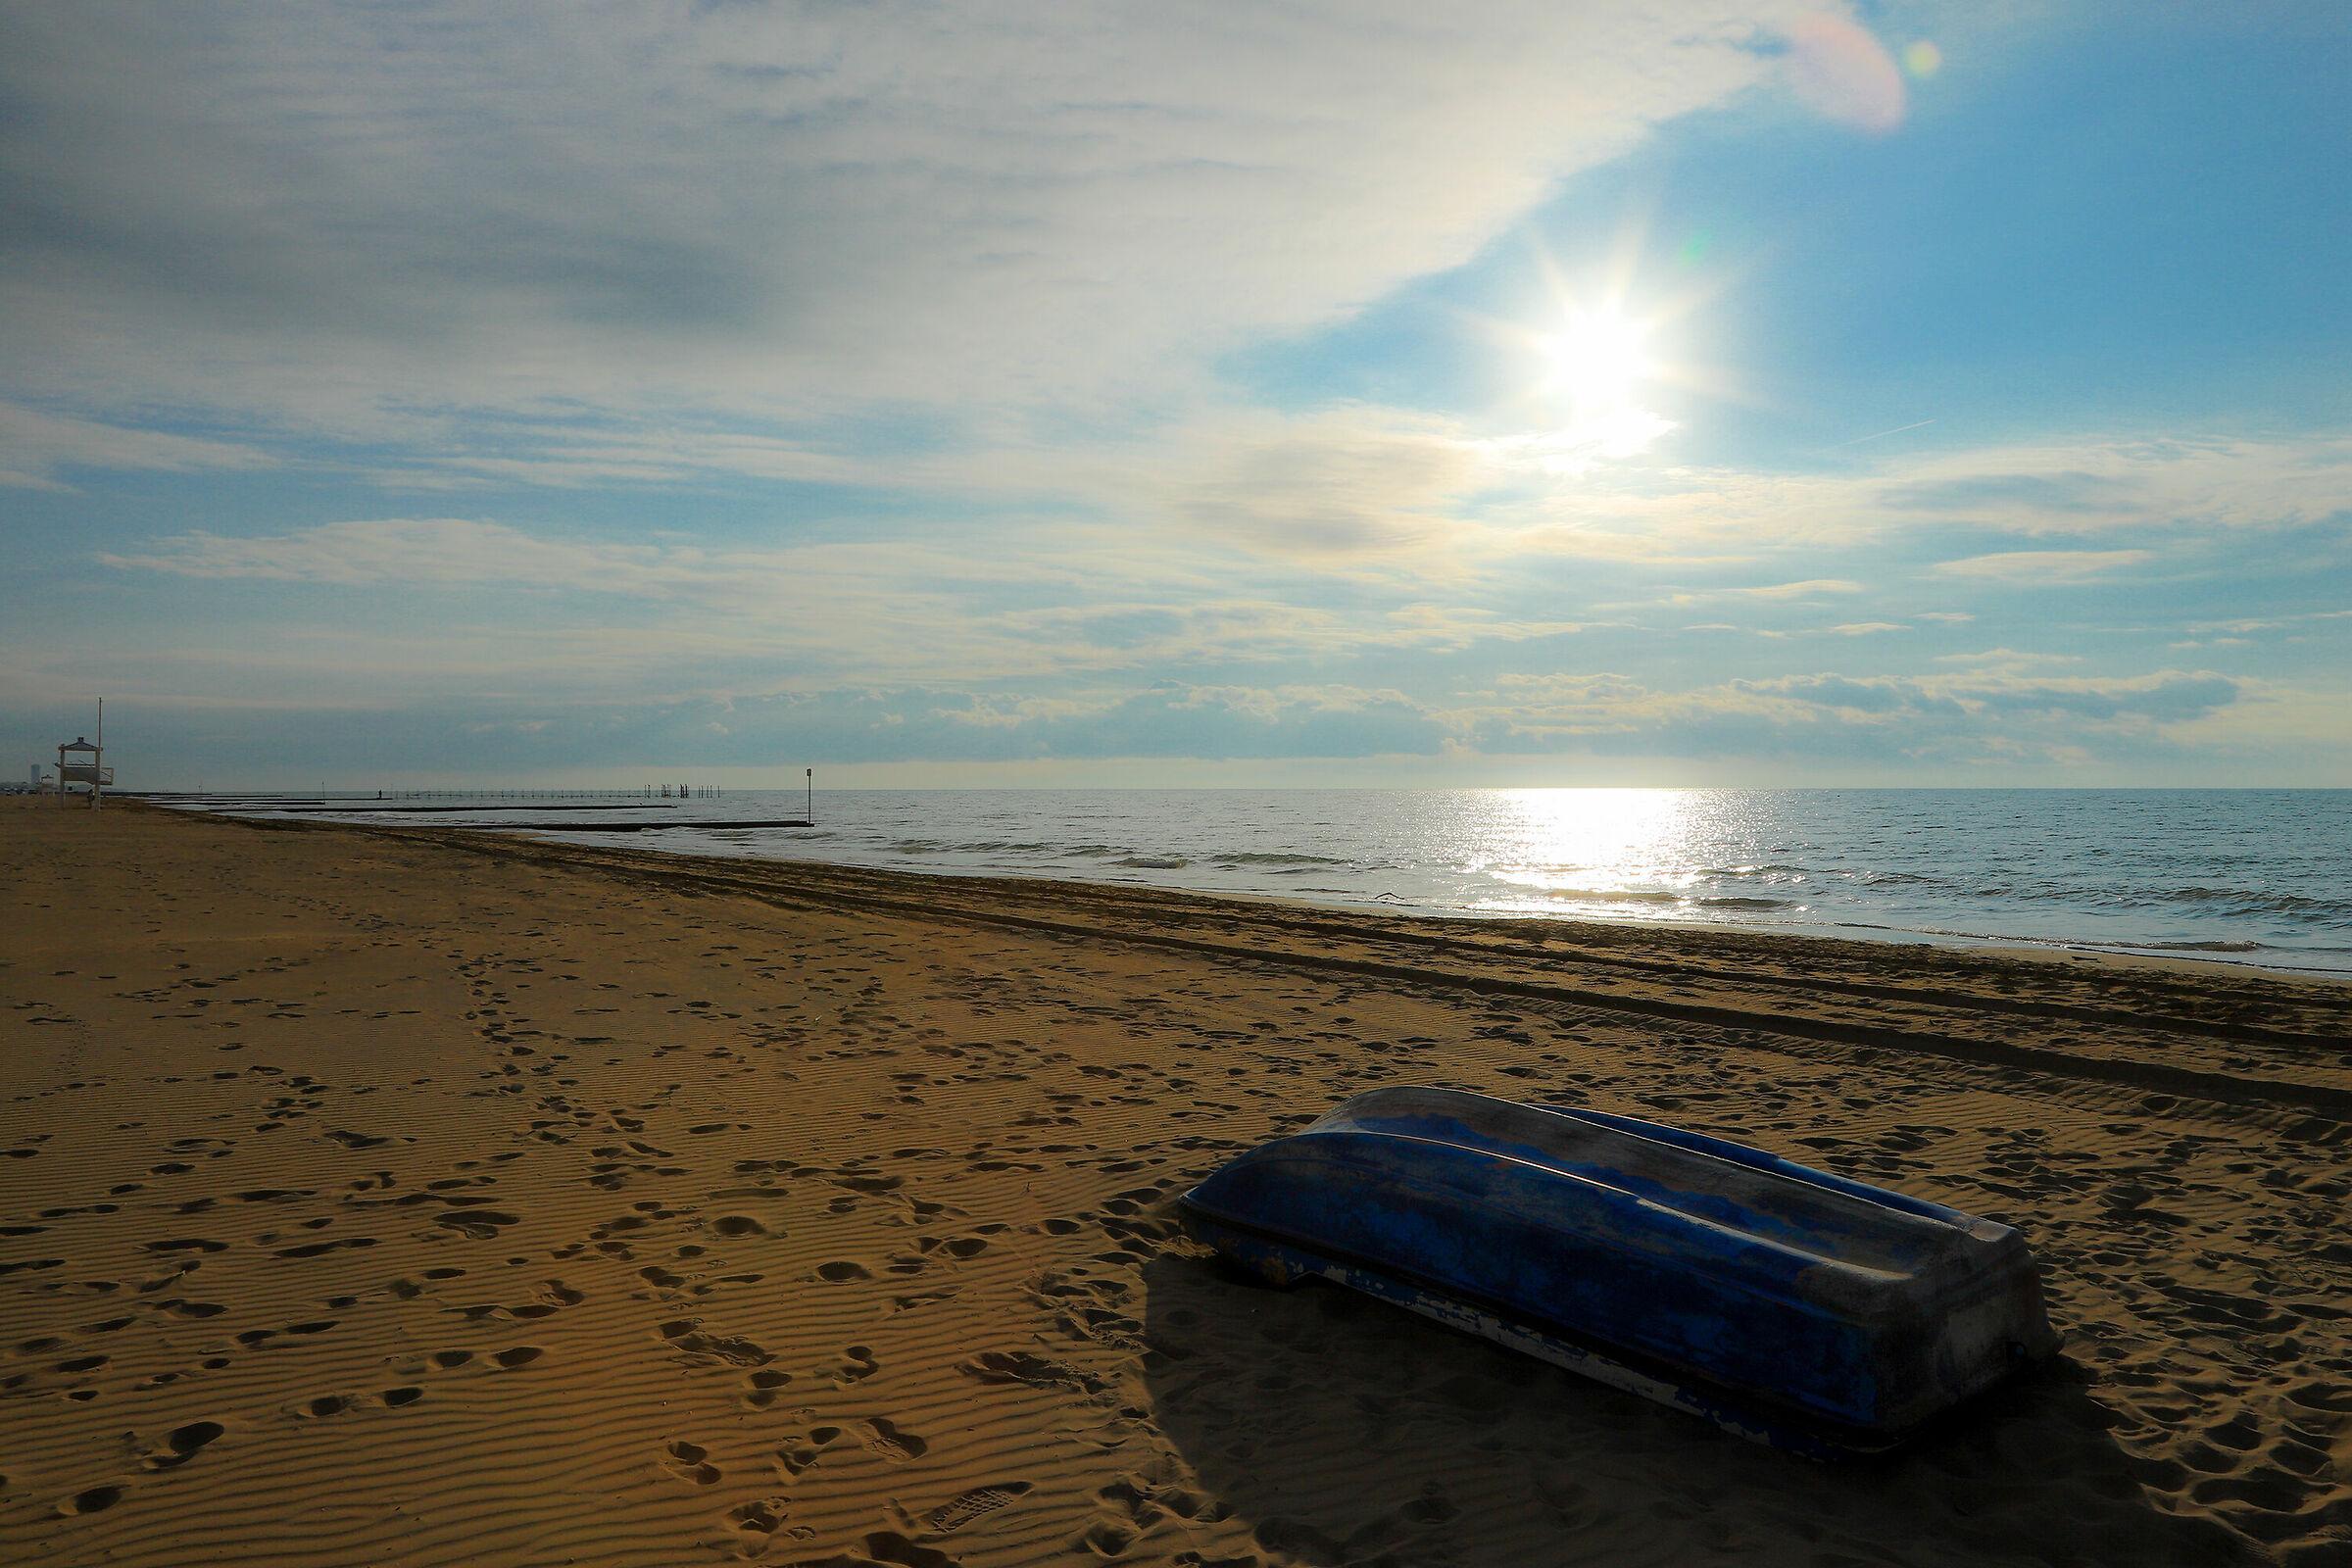 Abbandonata in riva al mare...